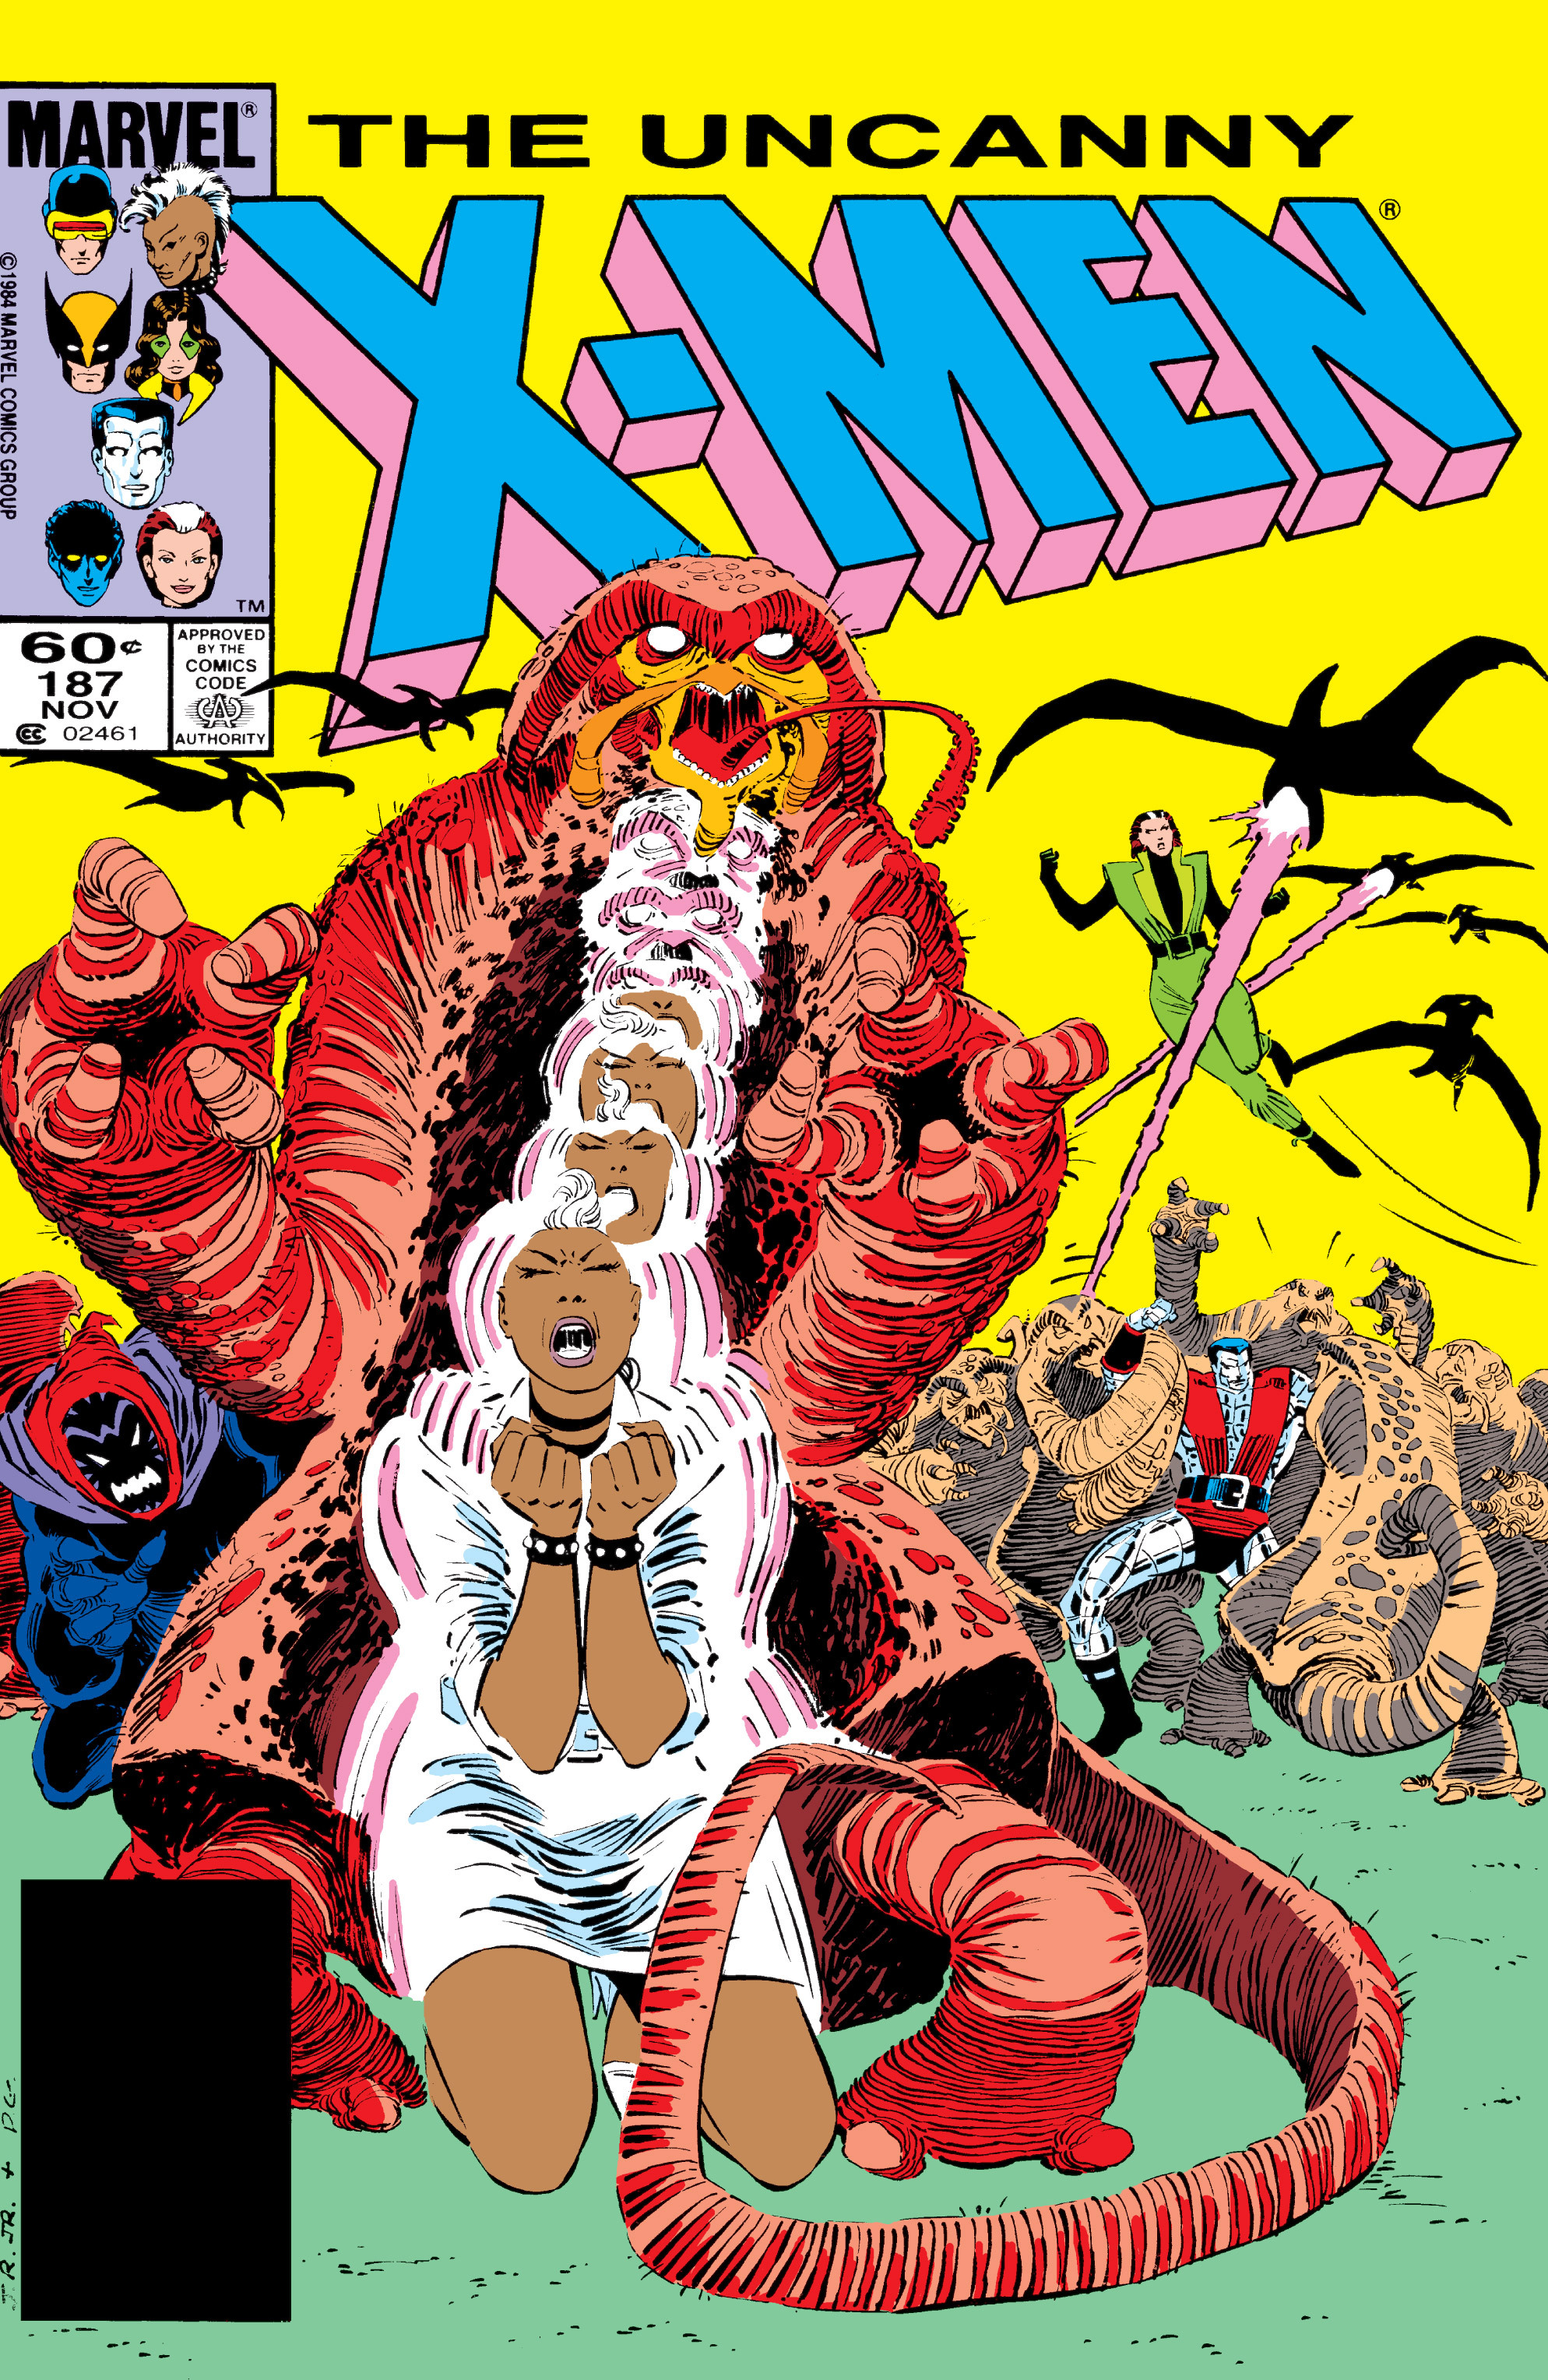 Read online Uncanny X-Men (1963) comic -  Issue #187 - 1